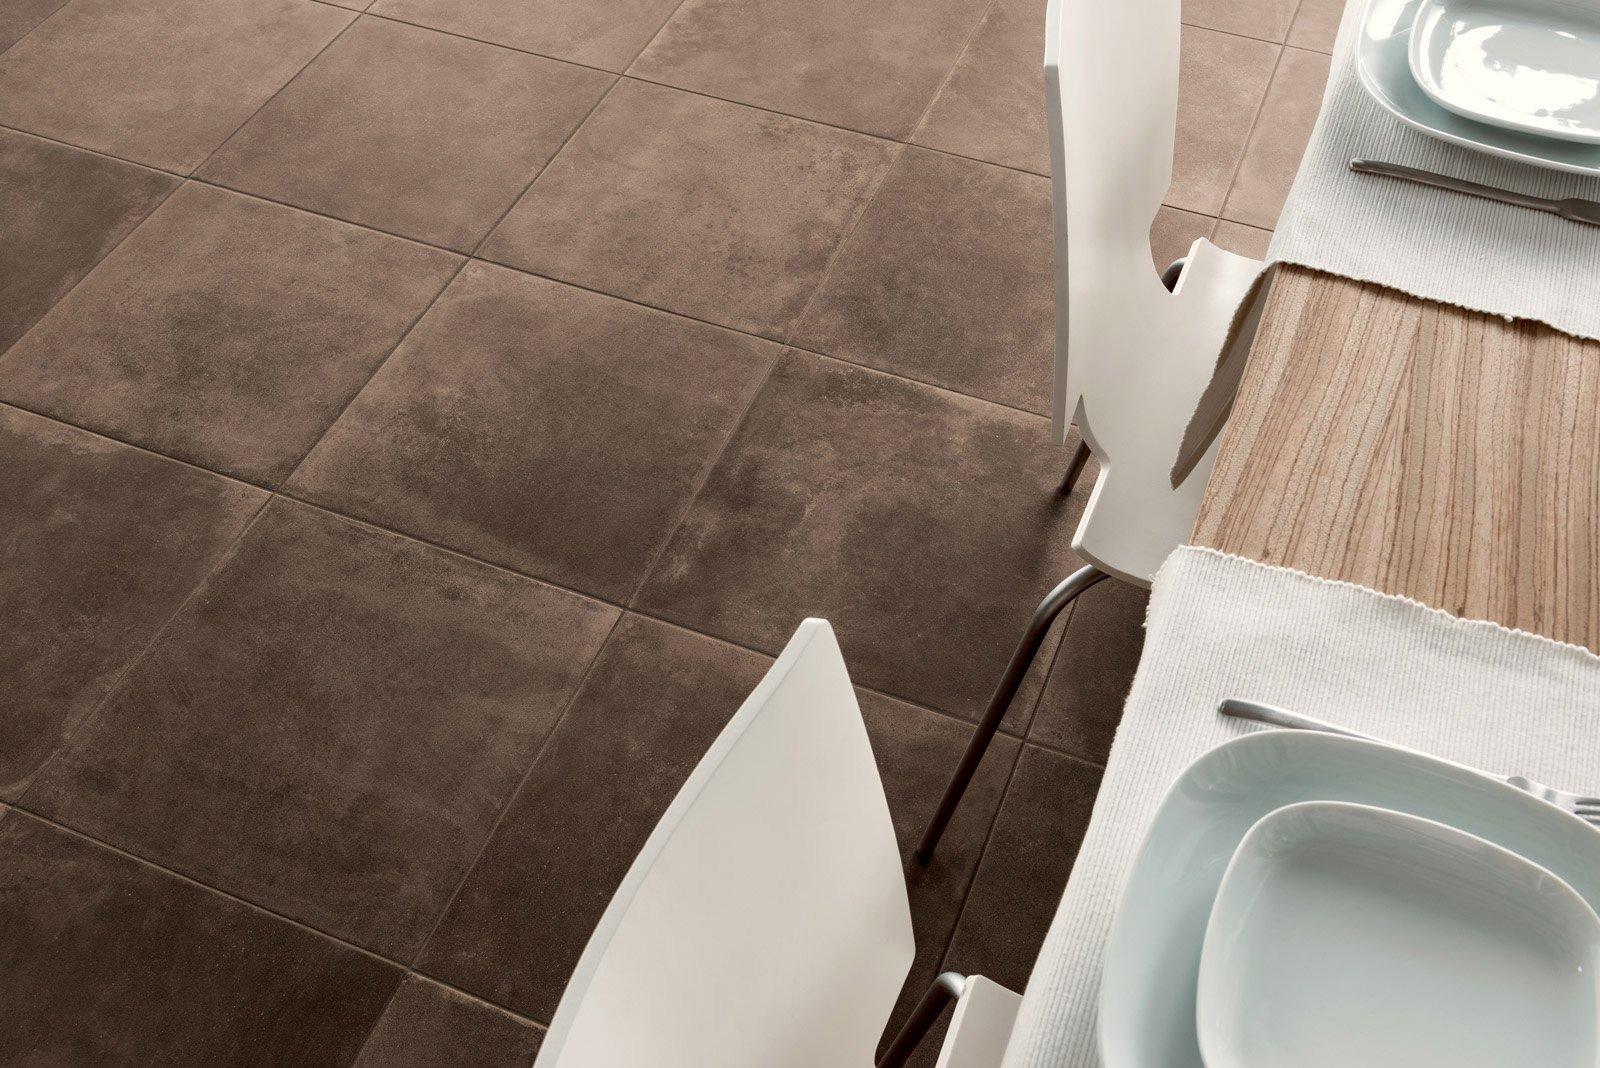 Colorare Pavimento In Cotto scegliere il pavimento della cucina: effetto legno, parquet